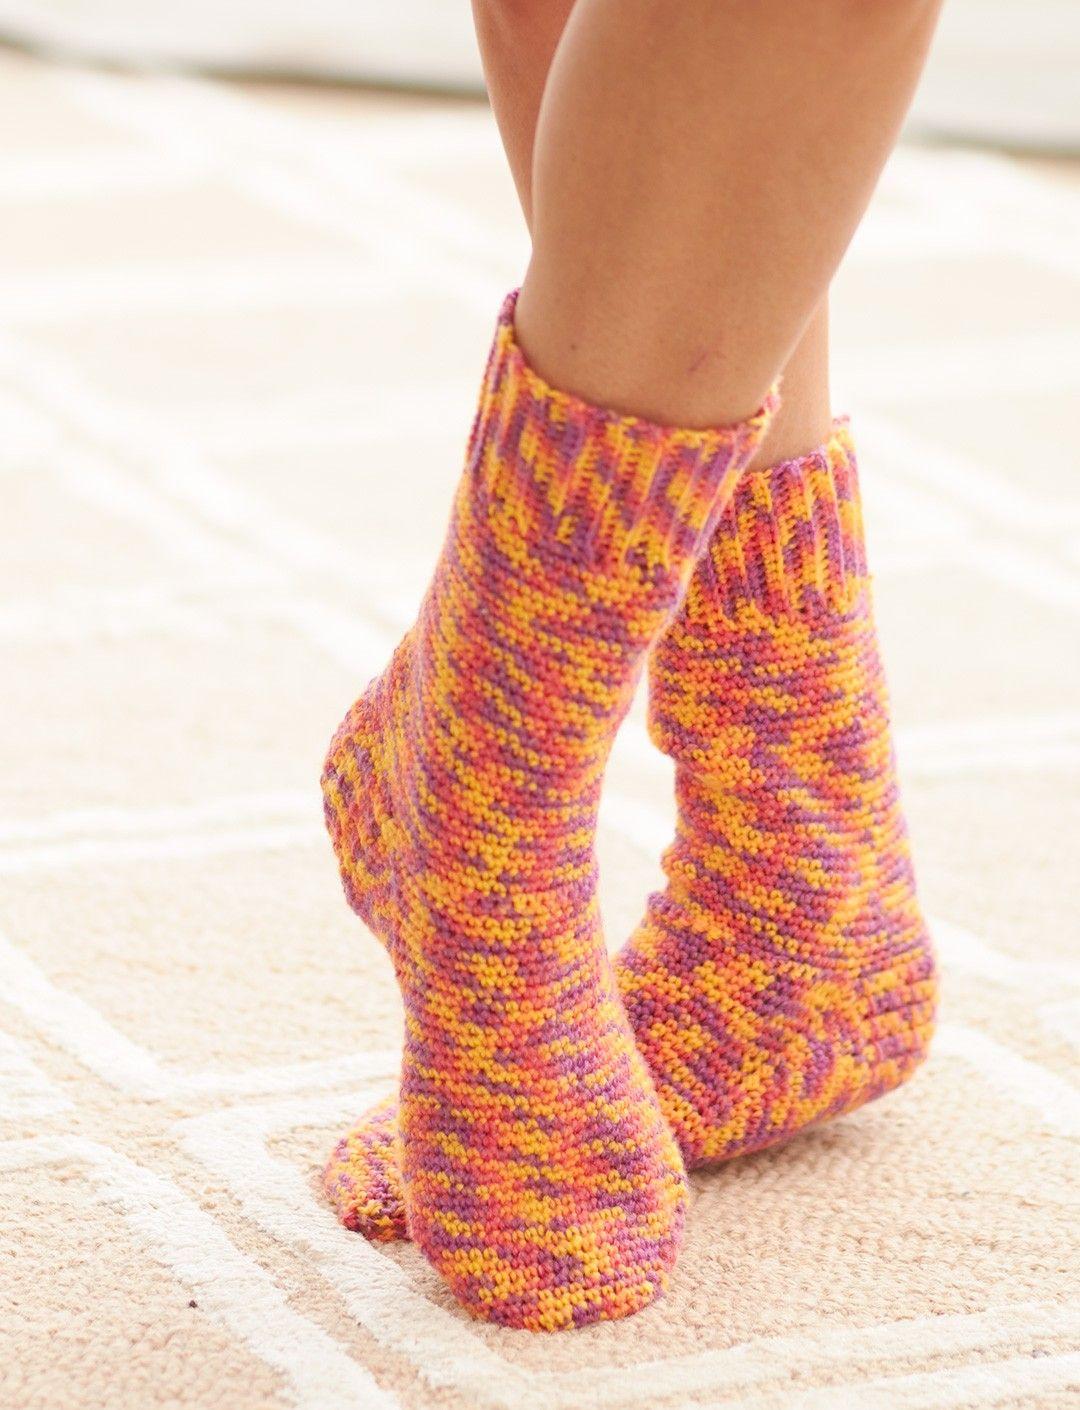 Basic Socks - free pattern - crochet | Needlework | Pinterest ...